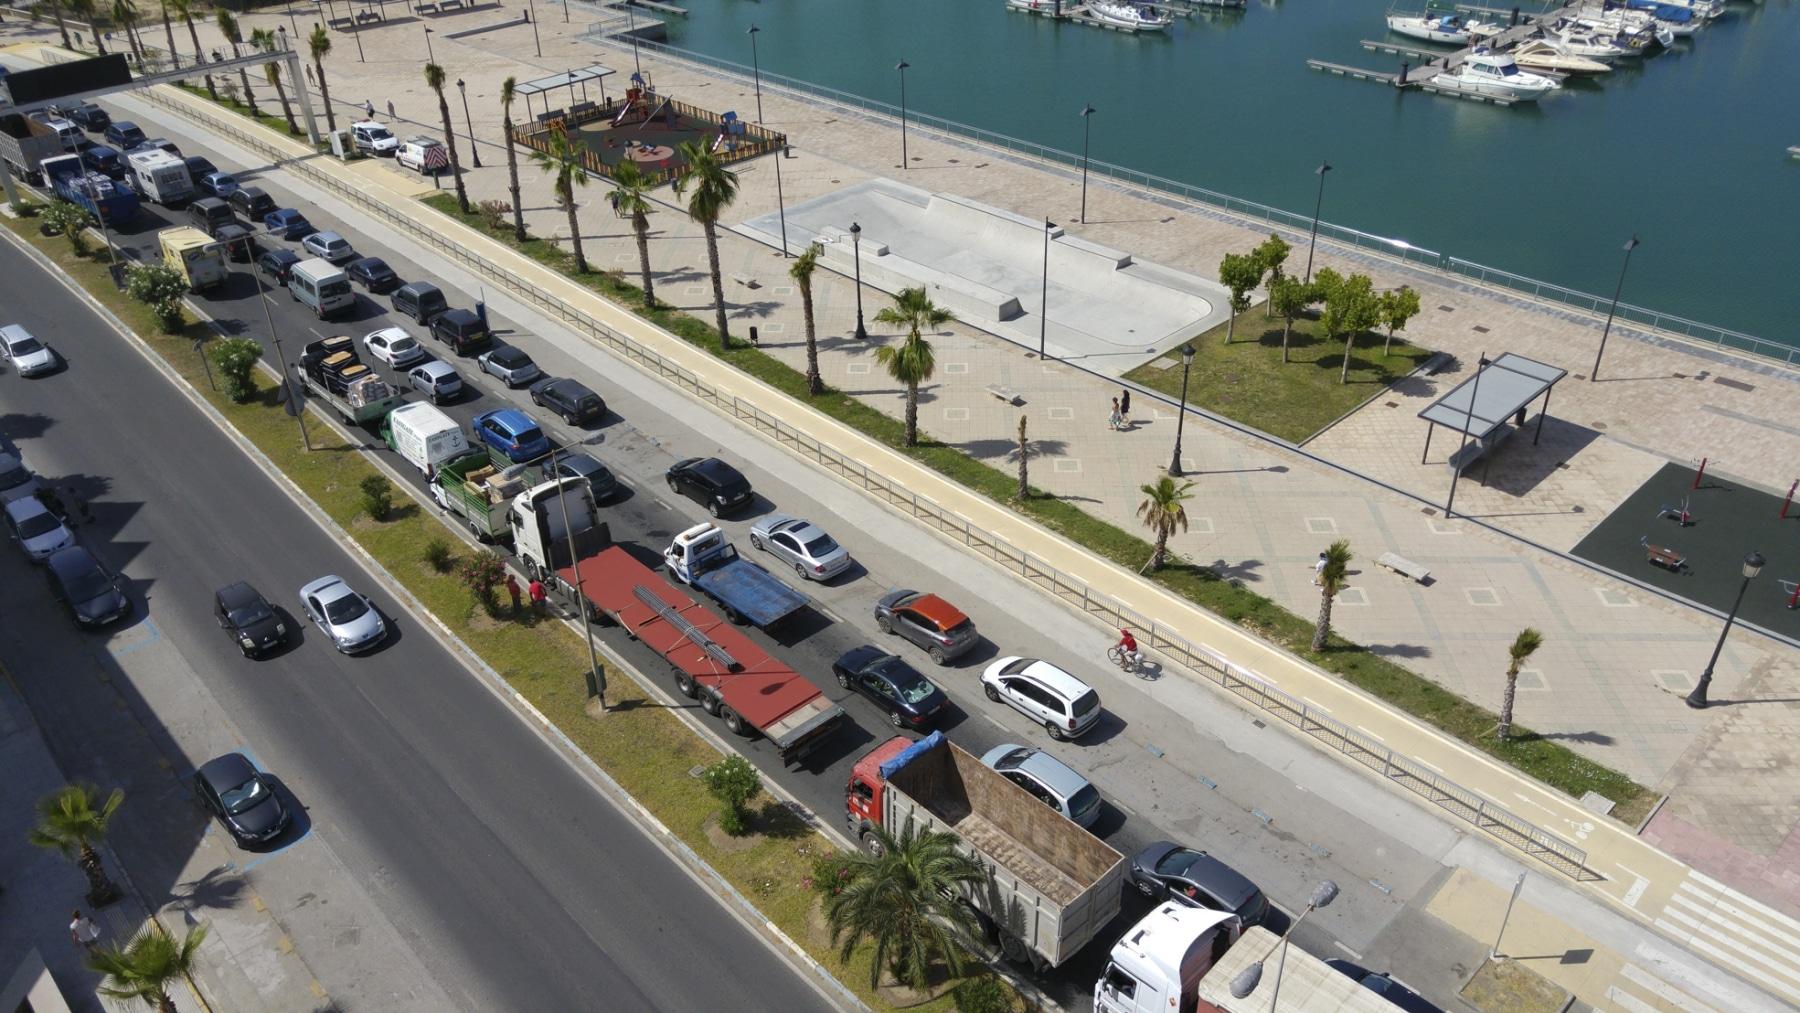 cola-entrada-a-gibraltar-28072015-15_19468678803_o